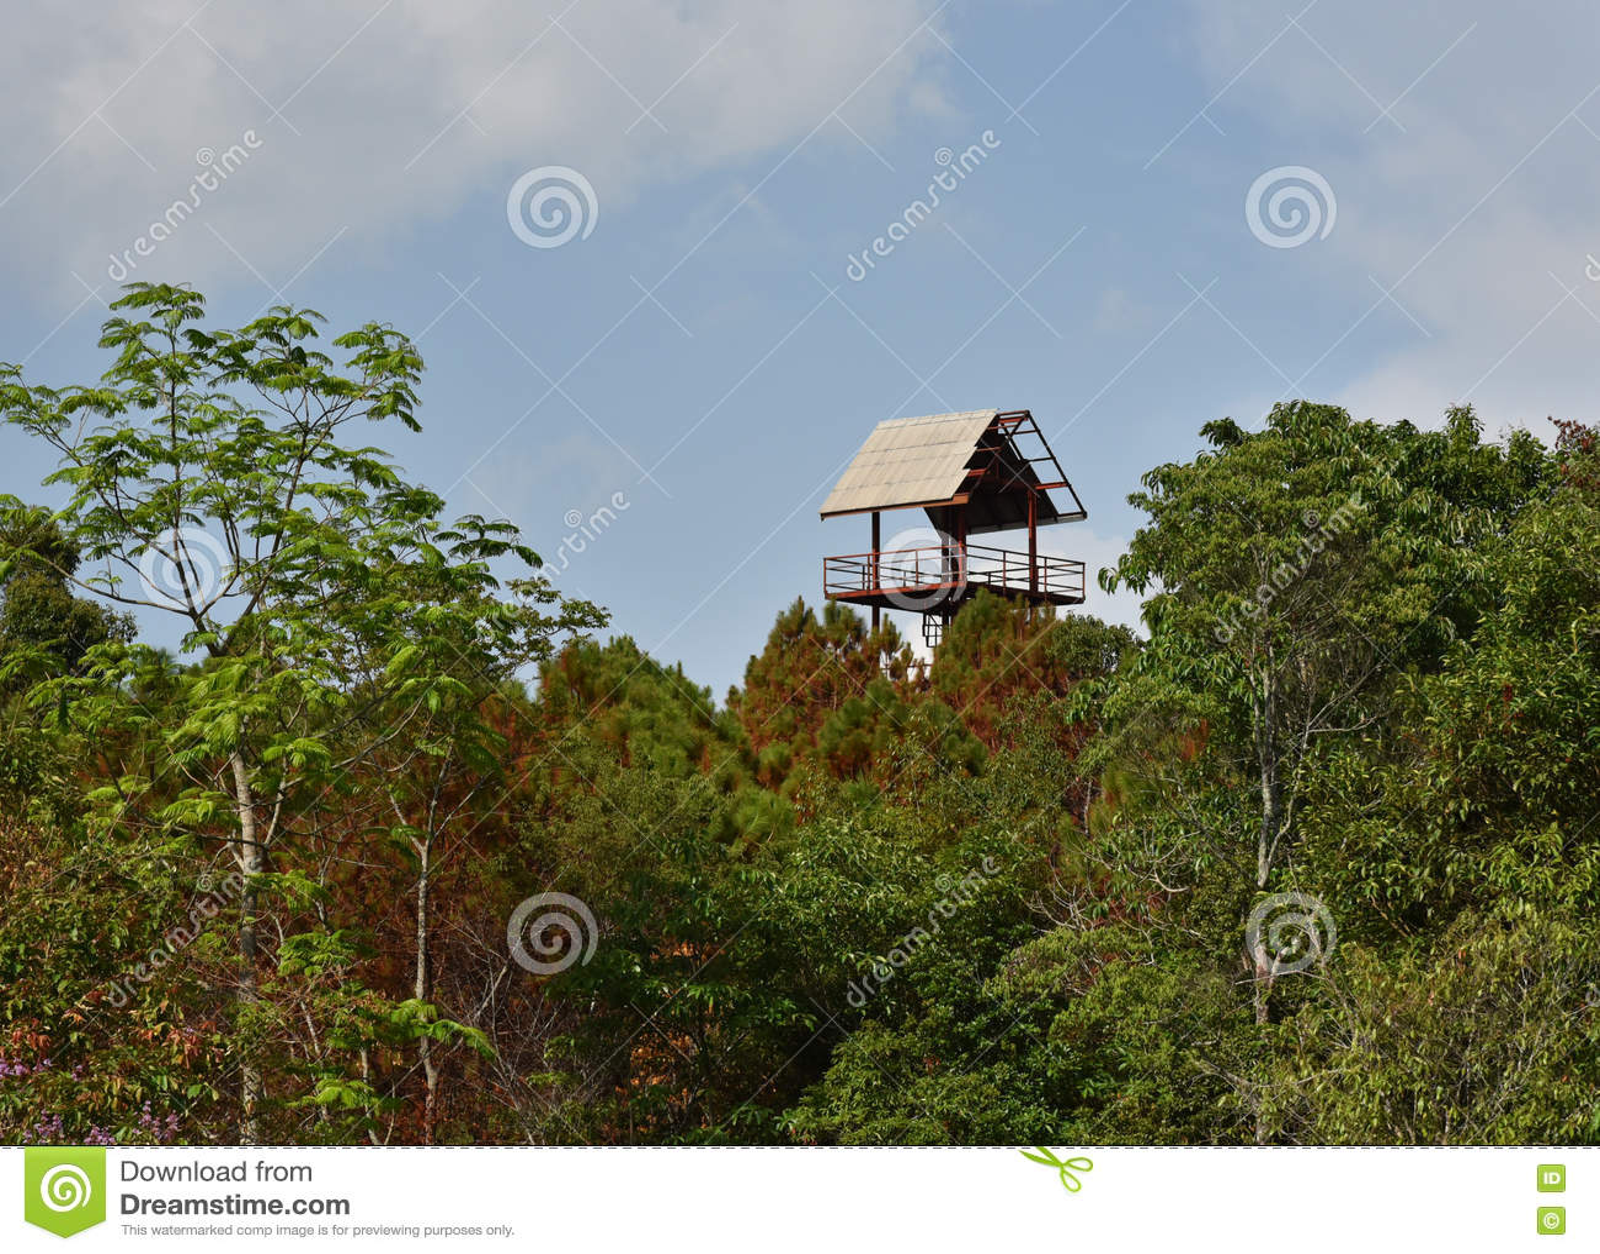 Download Дом лесного дерева башни иллюстрация штока. иллюстрации насчитывающей ландшафт - 72285869